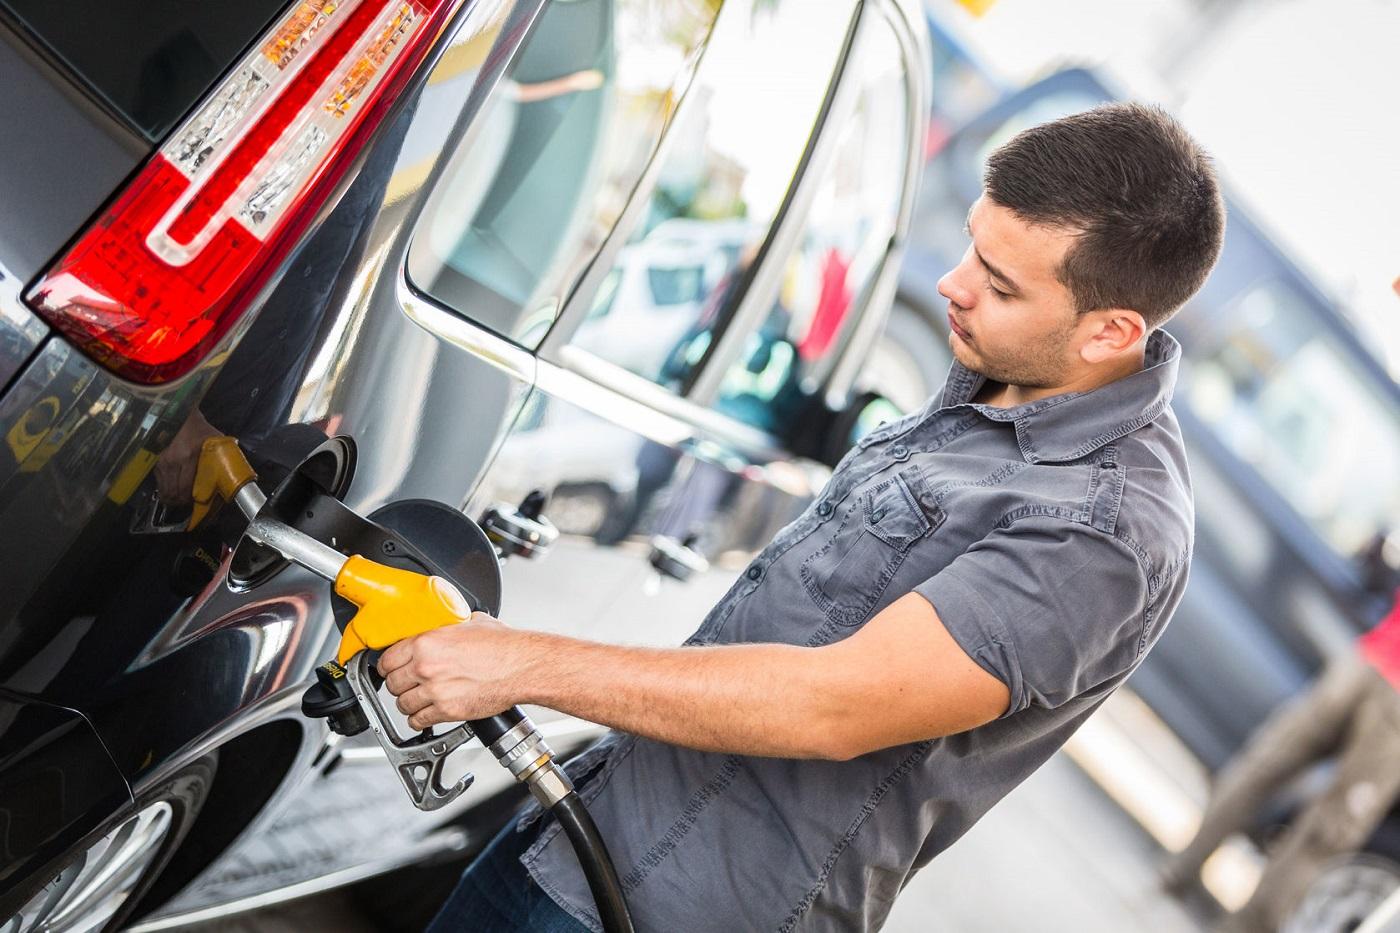 Gasolina cara? Conheça 5 dicas para economizar | Dinheirama